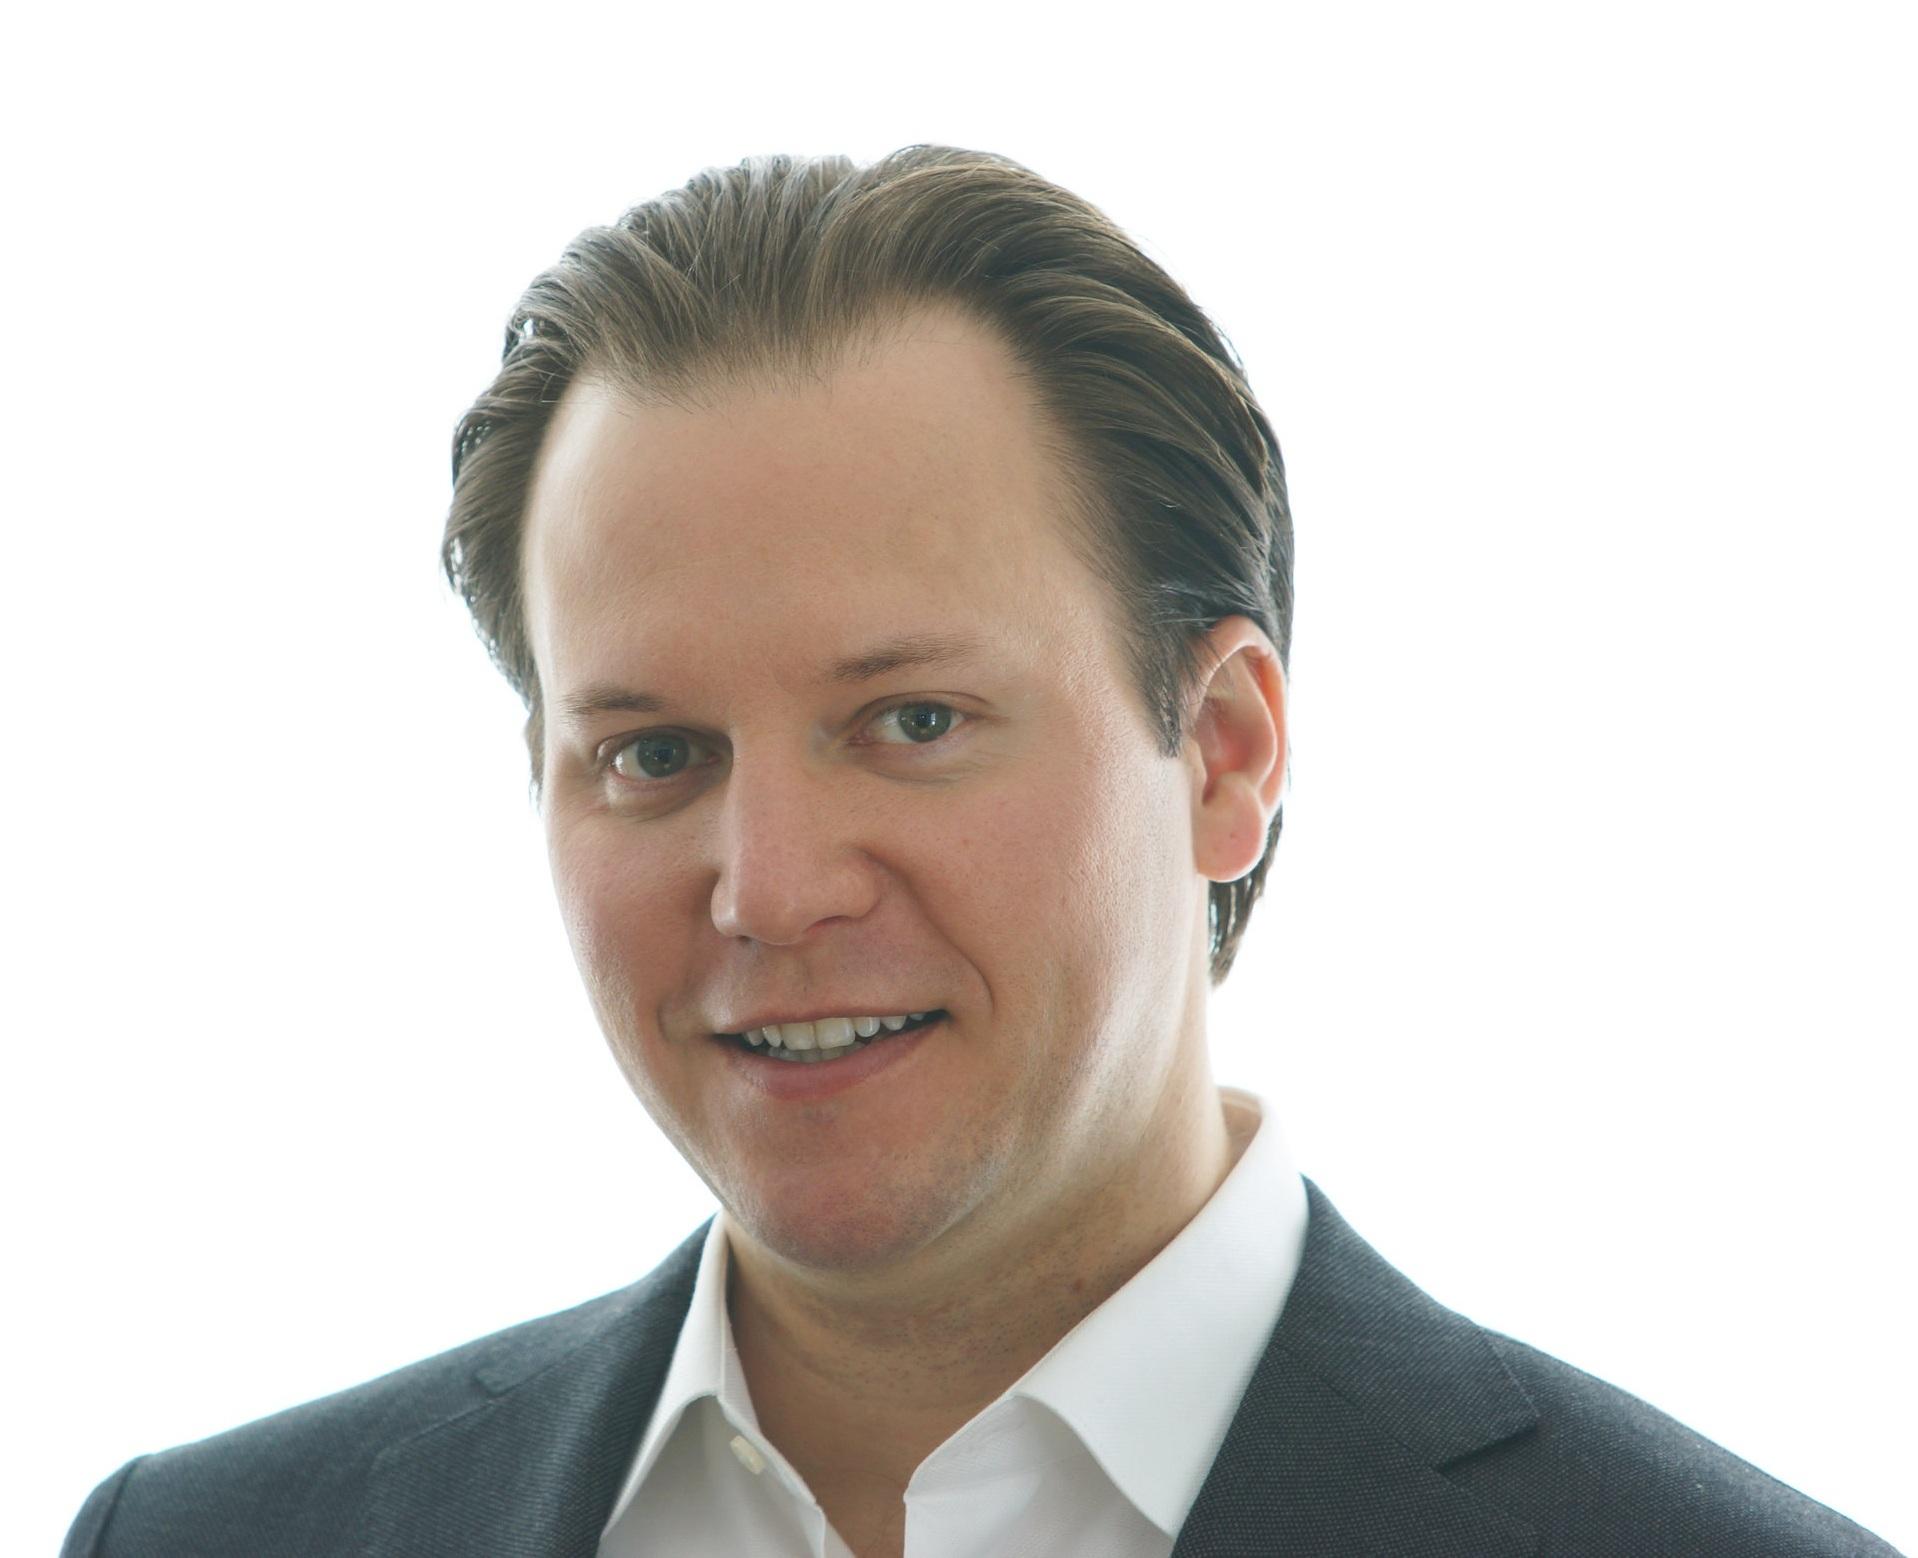 Blake Stasa | Head of Sales